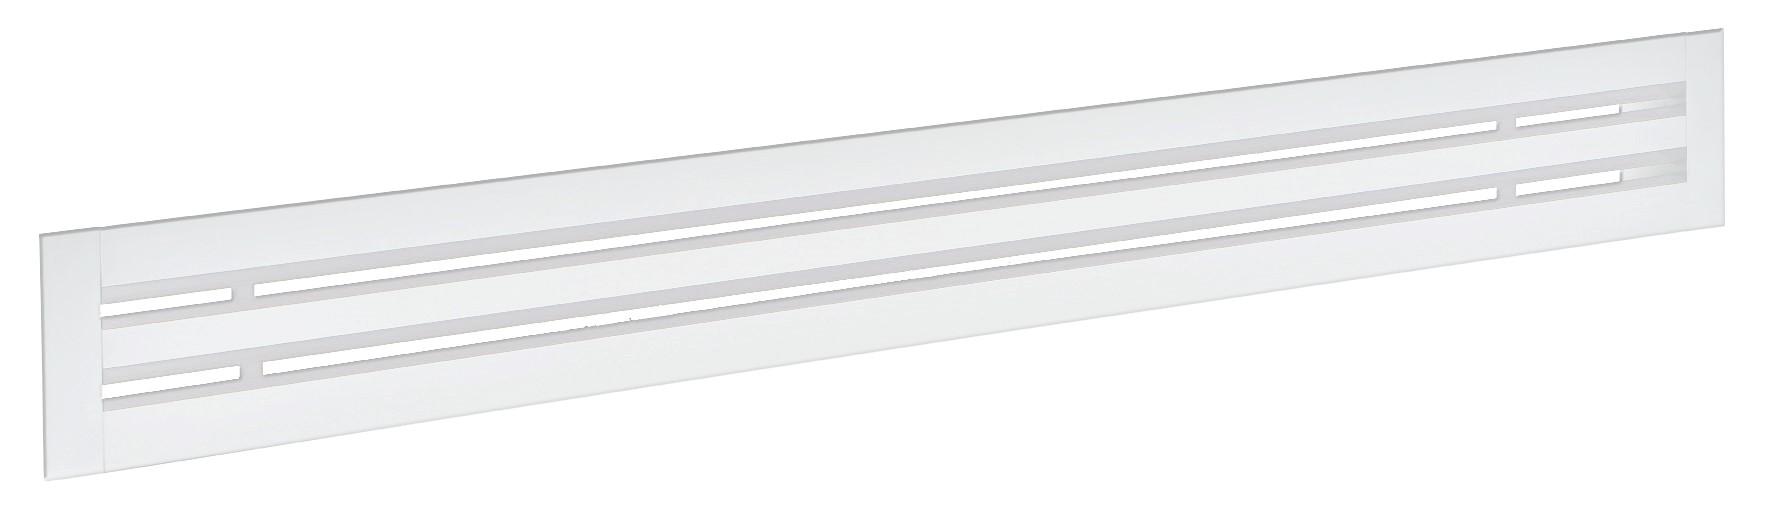 Diffusore lineare a feritoie Ral 9010 modello DLF20 deflettori Ral 9010 1 feritoia L=1500 mm